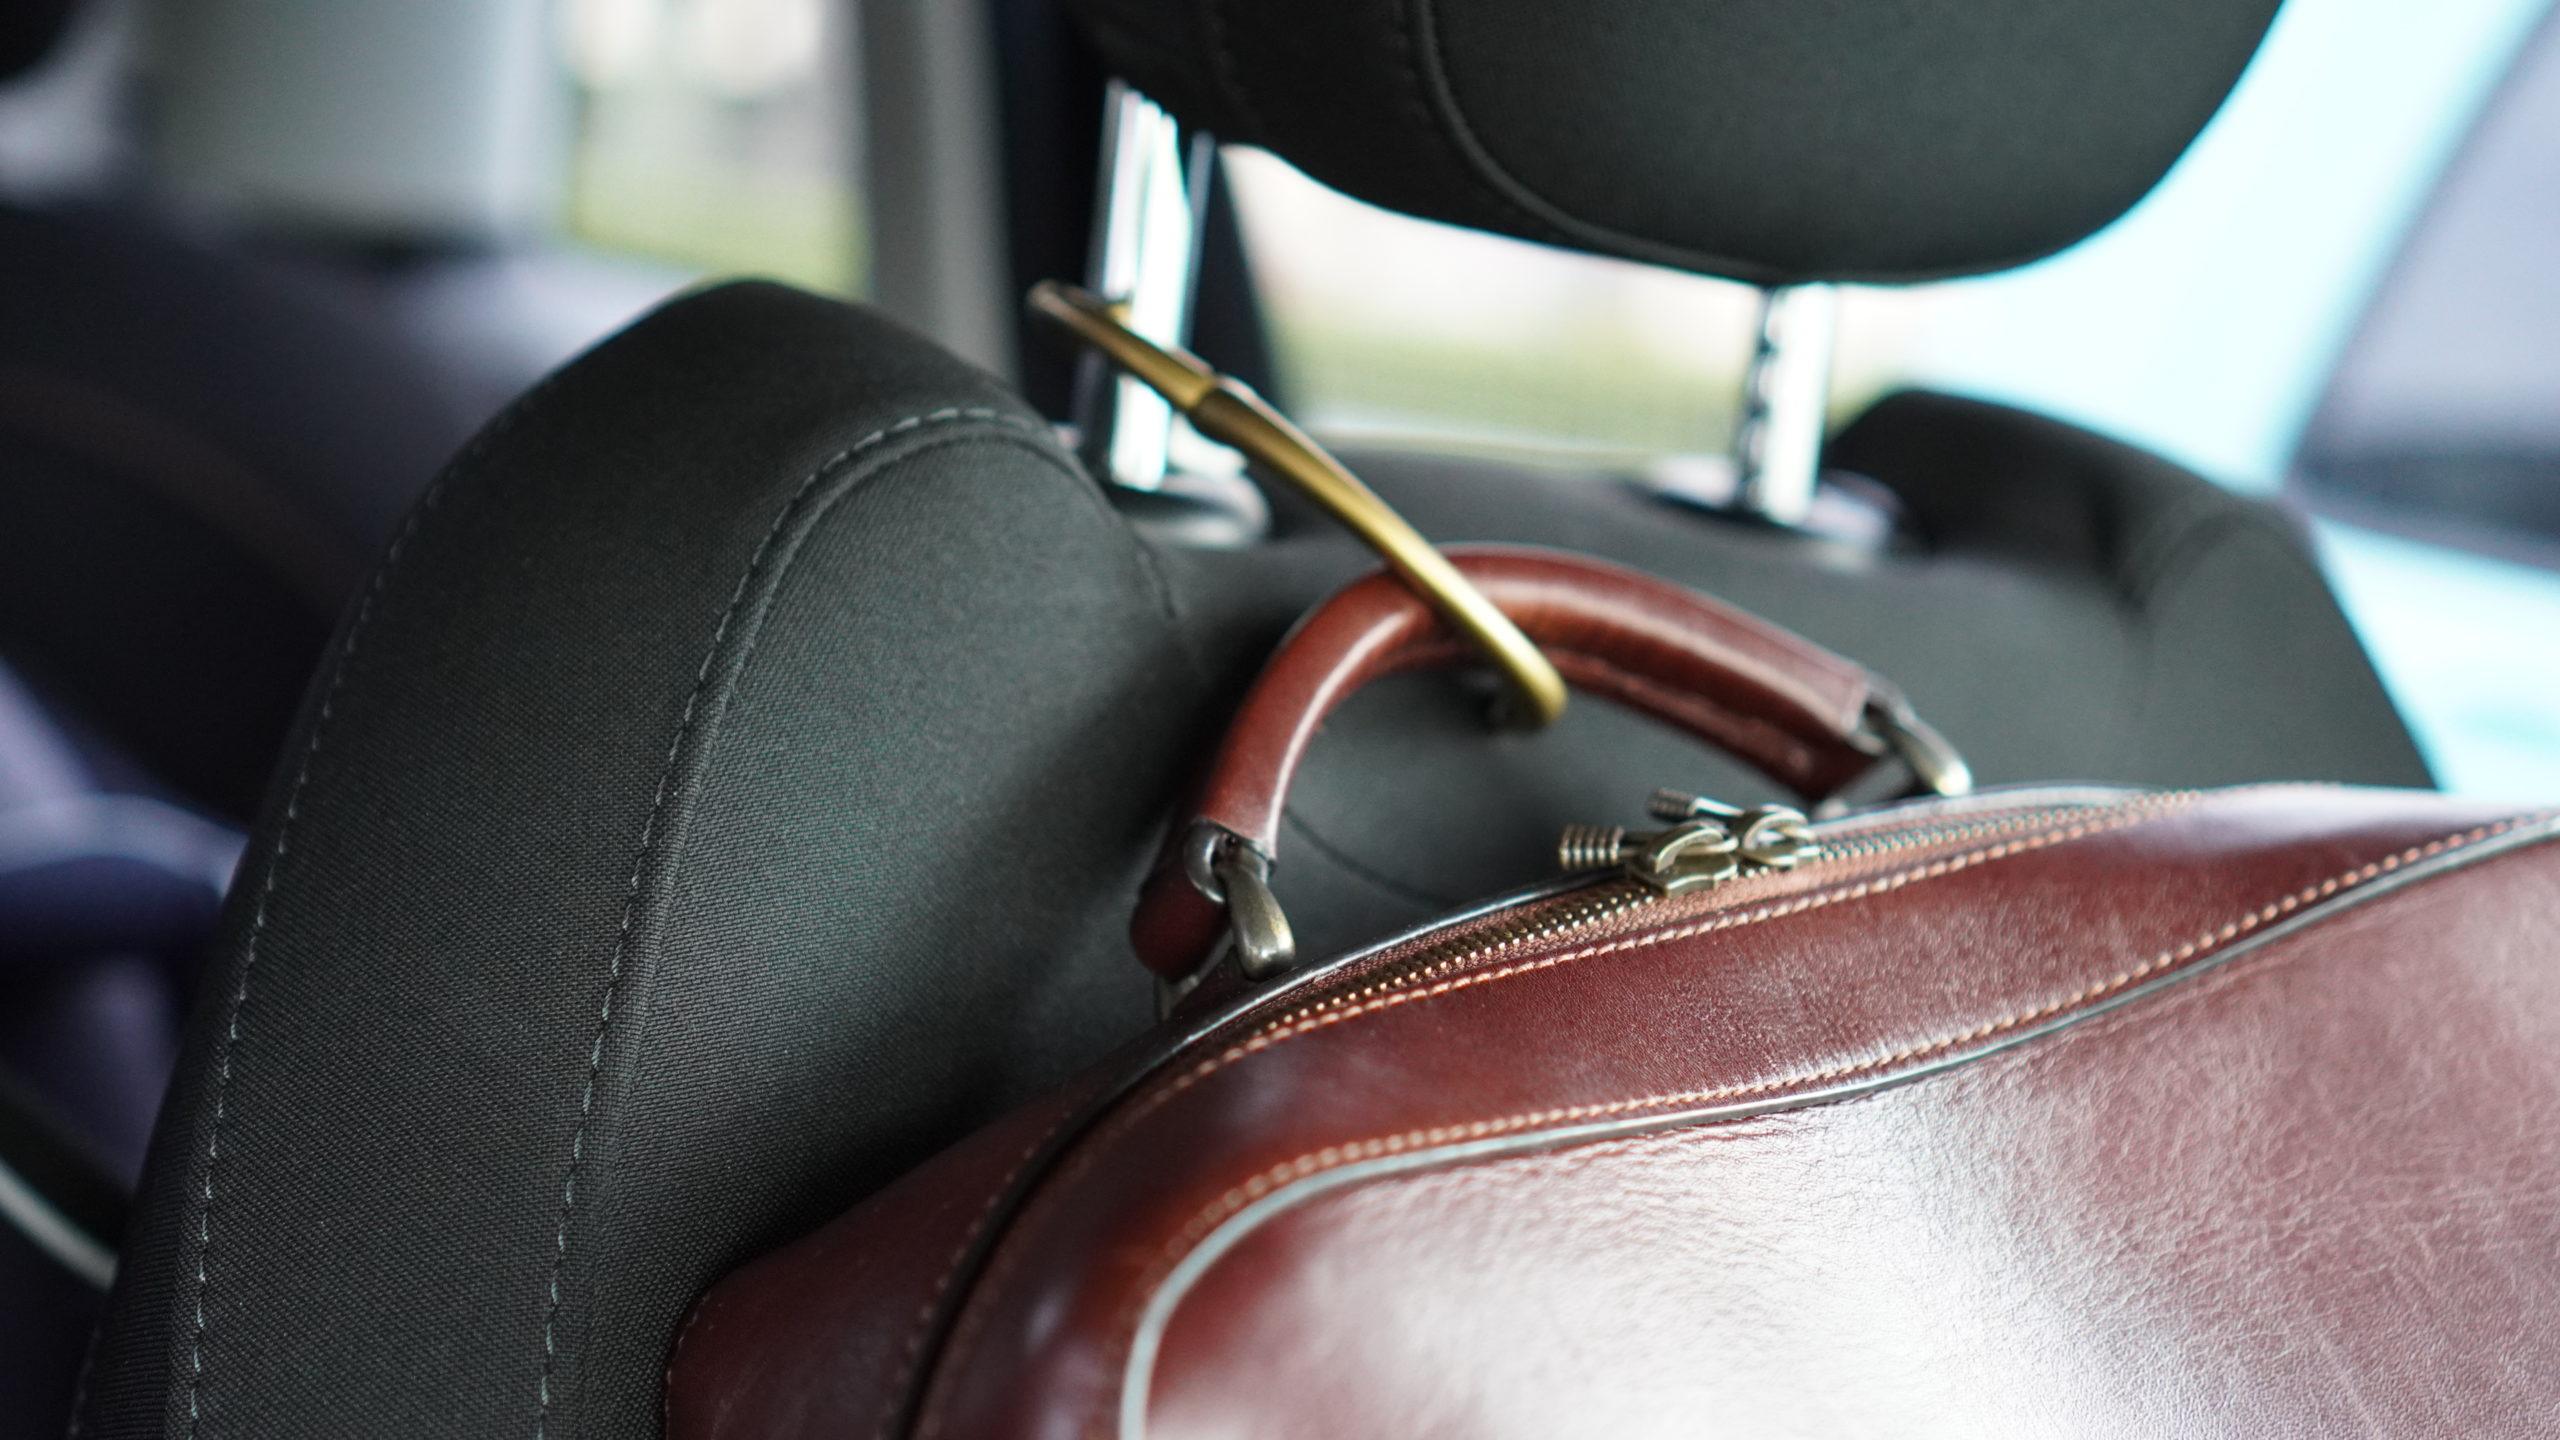 Clipaを車で使用